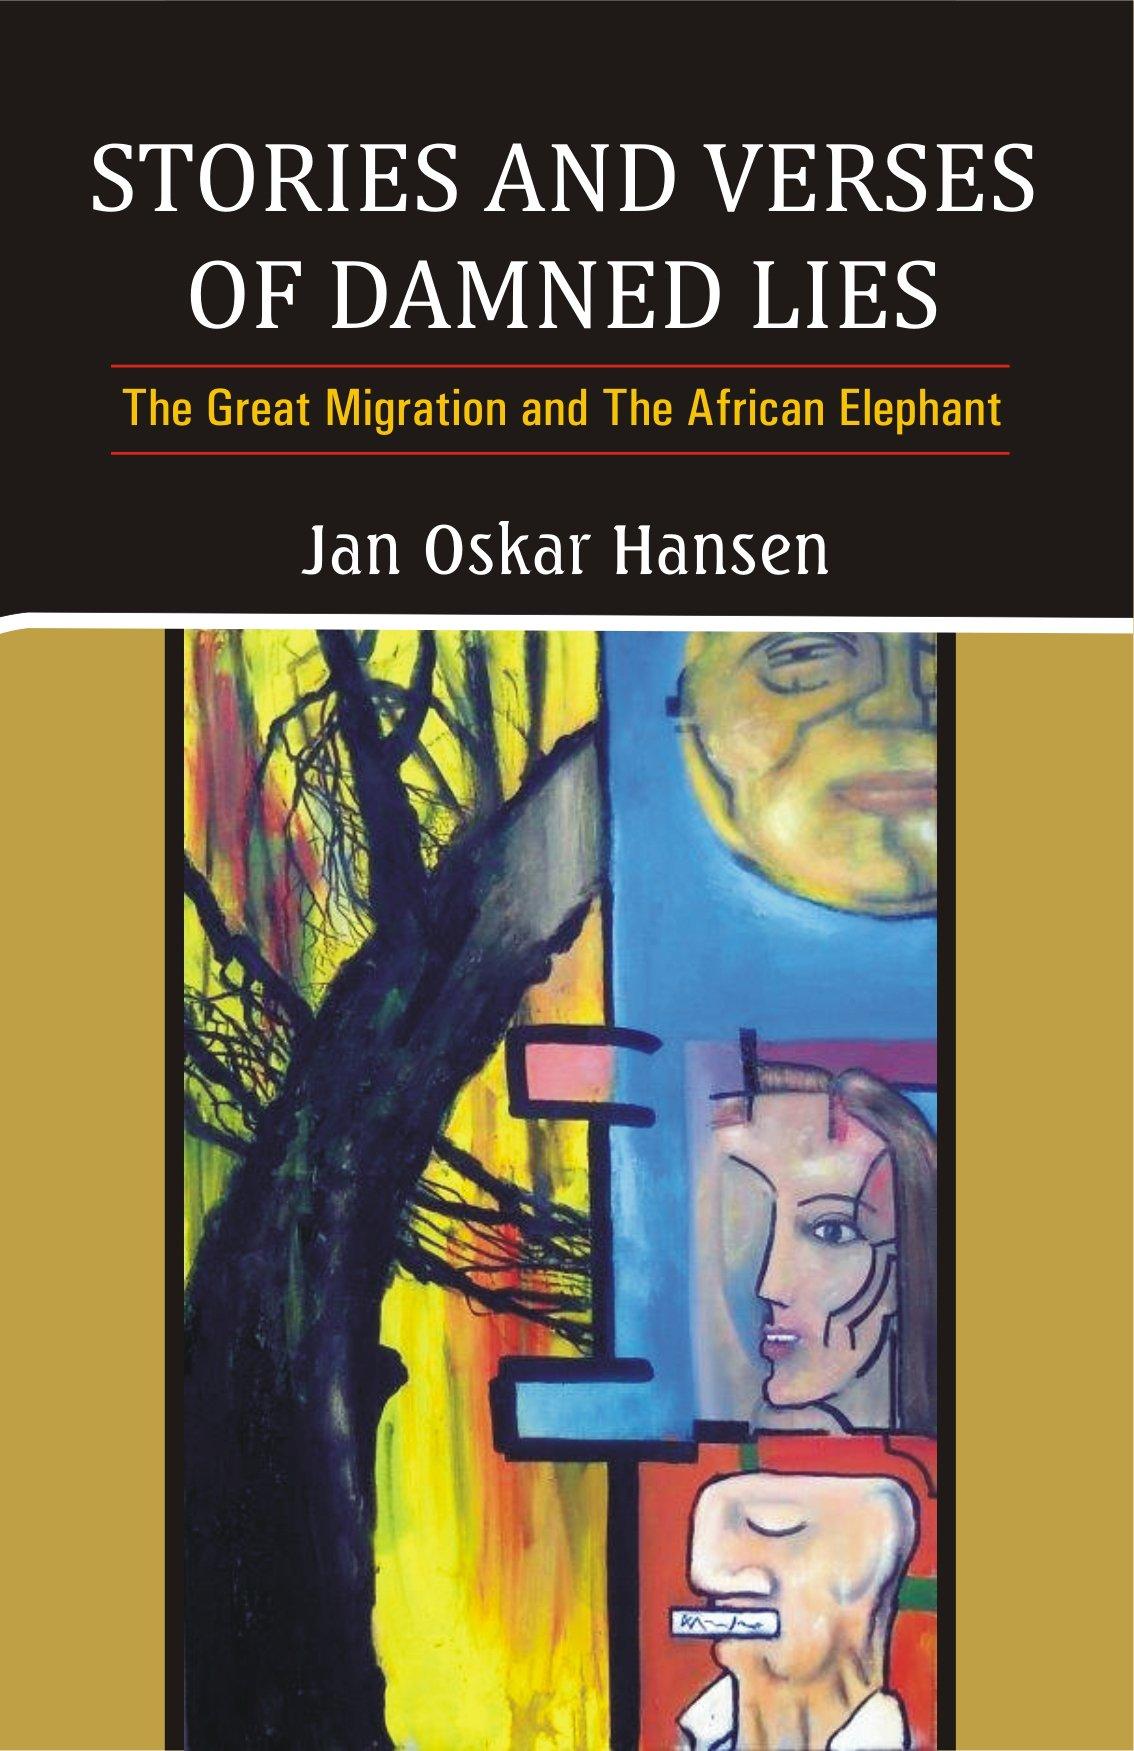 Stories and verses of damned lies: Jan Oskar Hansen